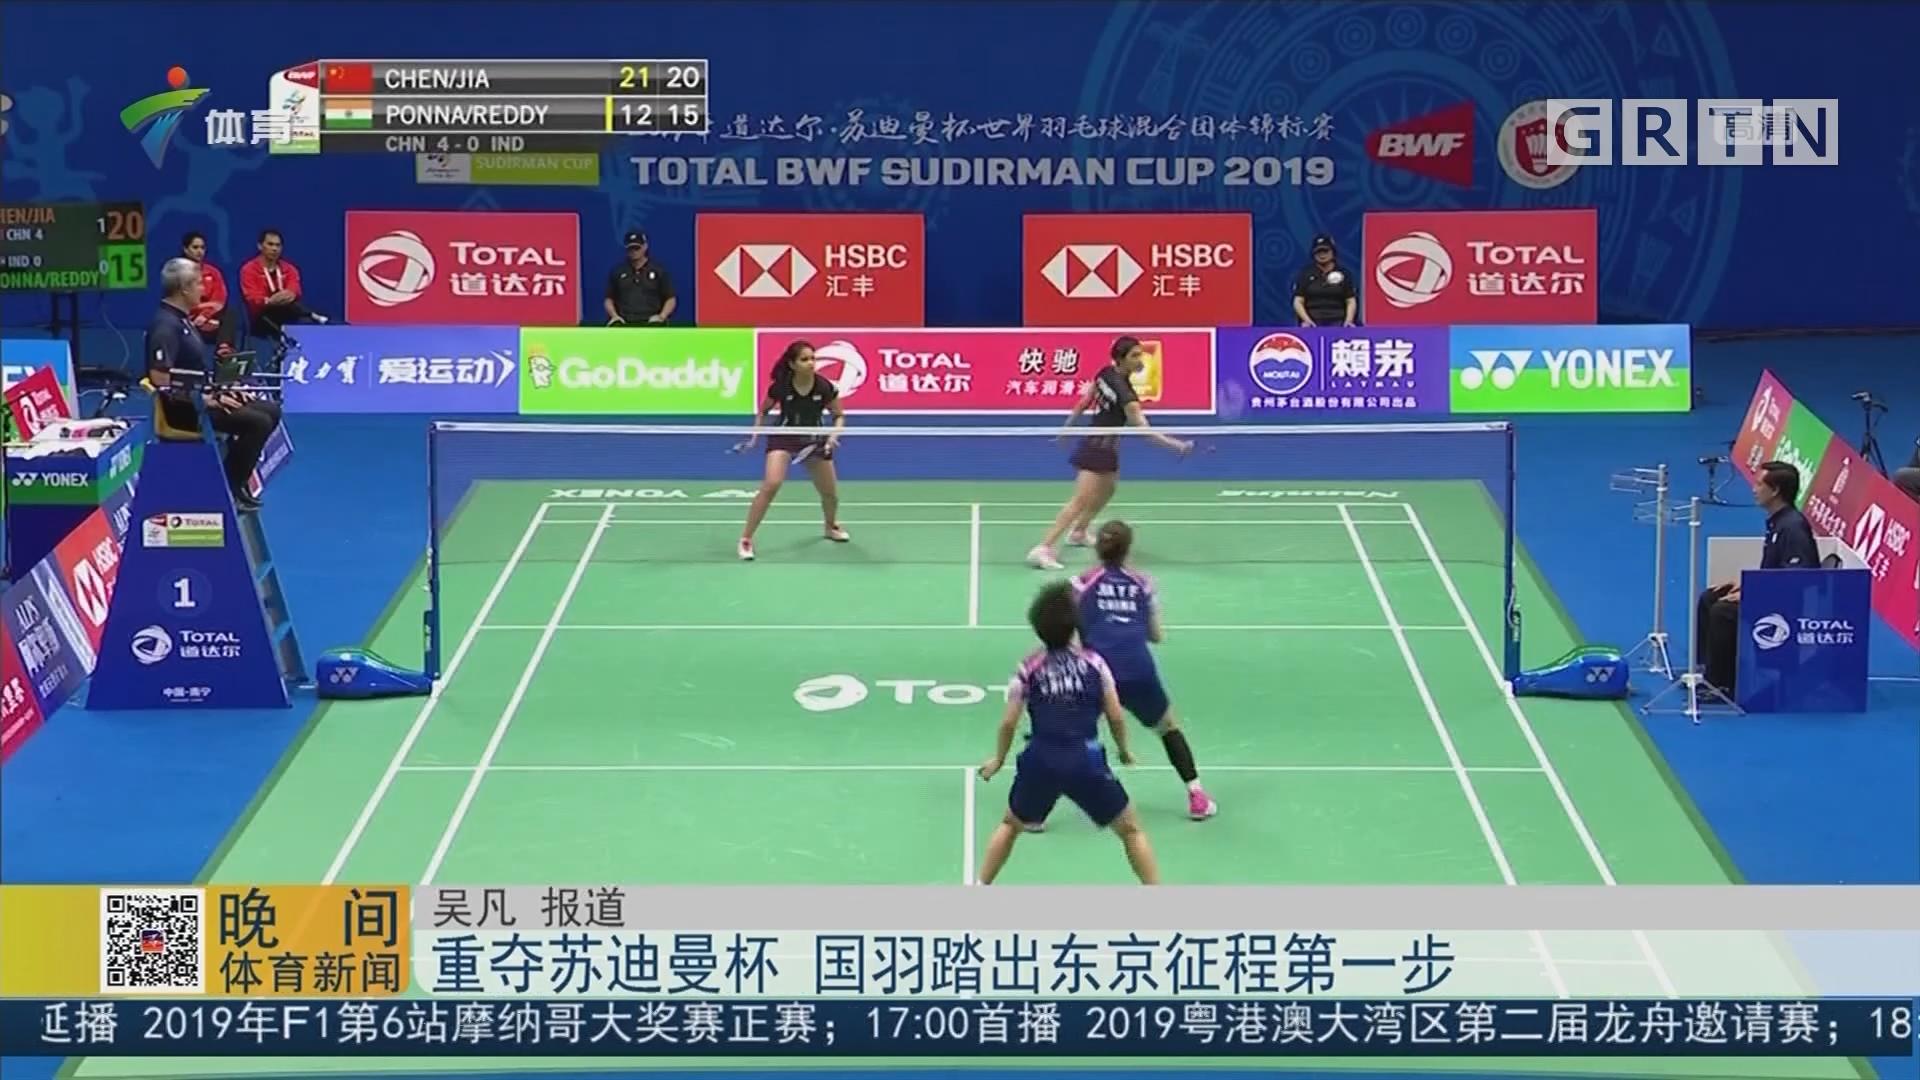 重夺苏迪曼杯 国羽踏出东京征程第一步